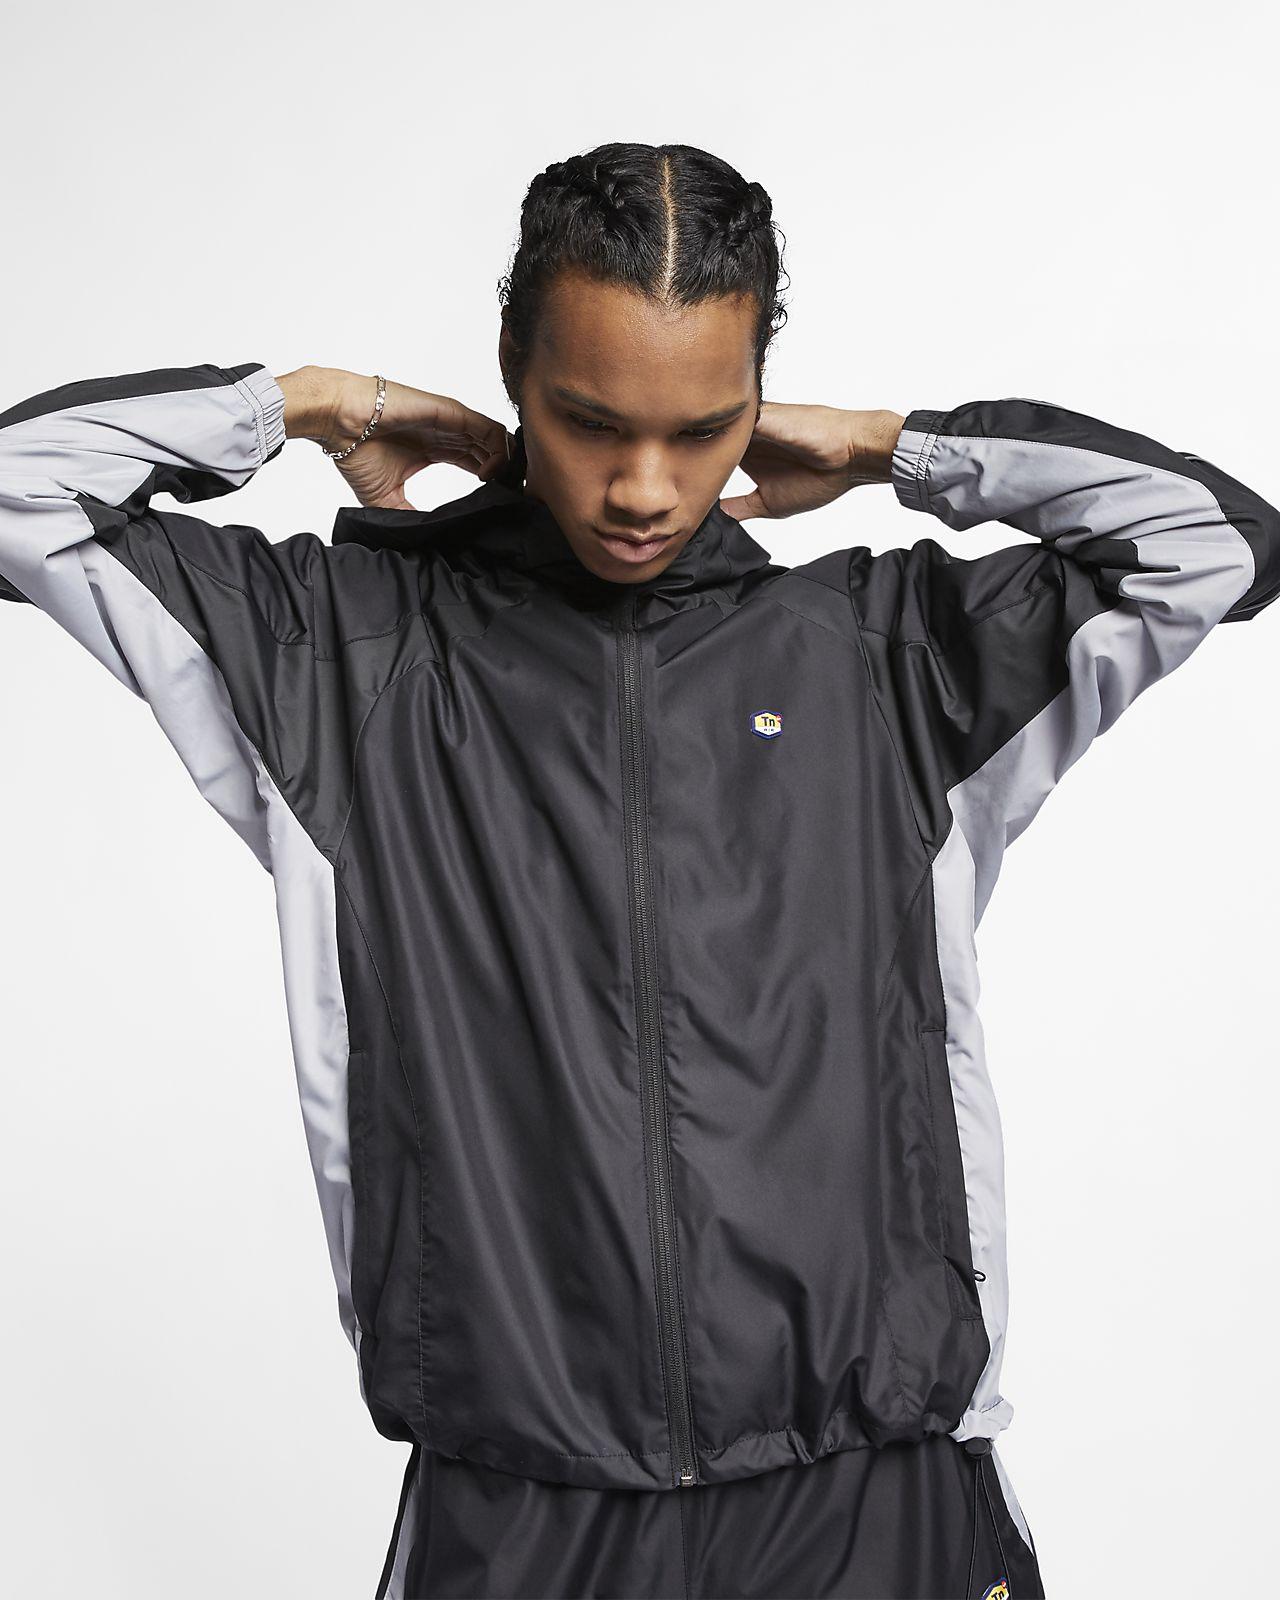 Veste de survêtement à capuche NikeLab Collection Tn pour Homme